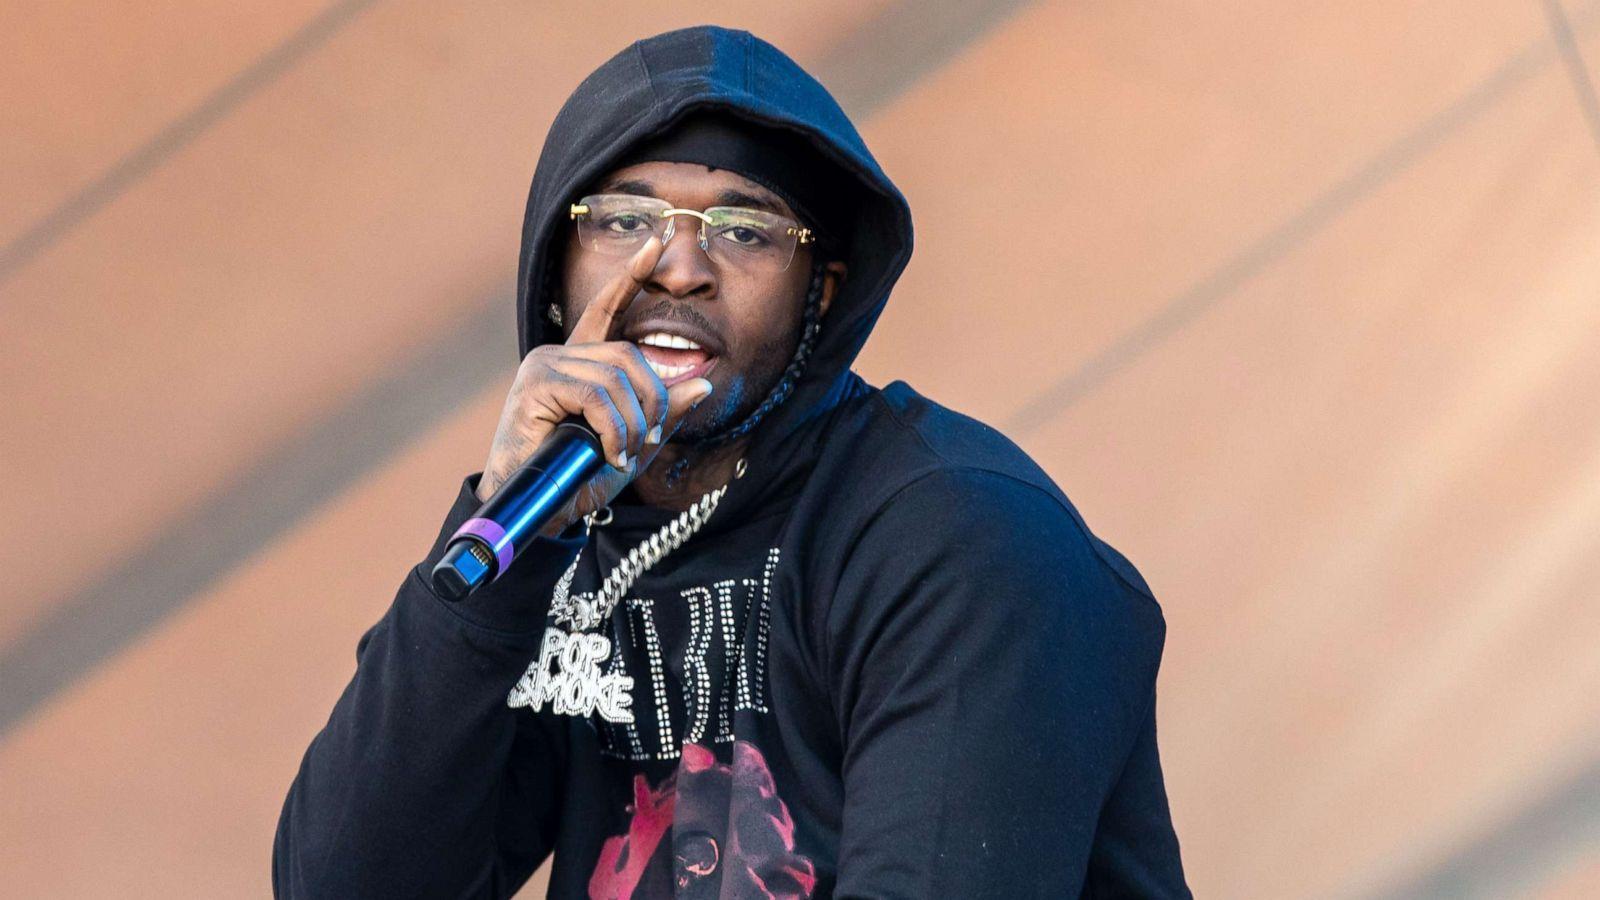 1600x900 Rapper Pop Smoke bị bắn chết tại nhà ở Hollywood Hills: Nguồn